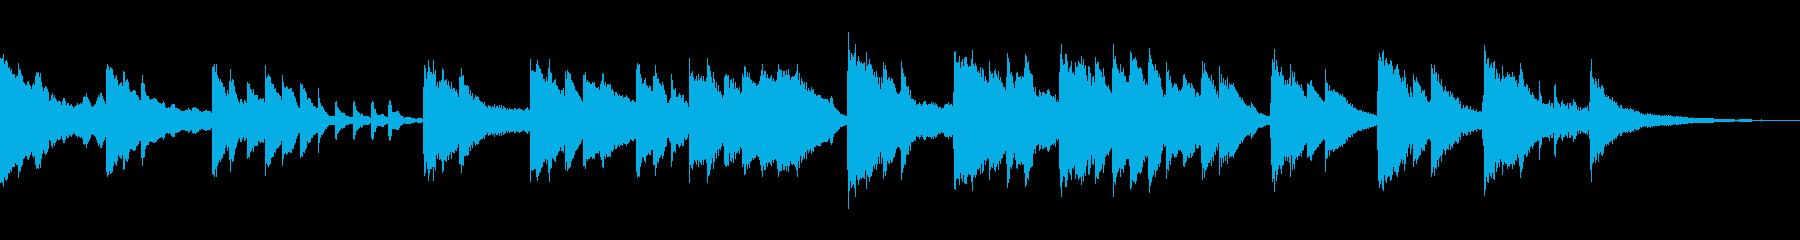 スロージャズ風ピアノバラードの再生済みの波形